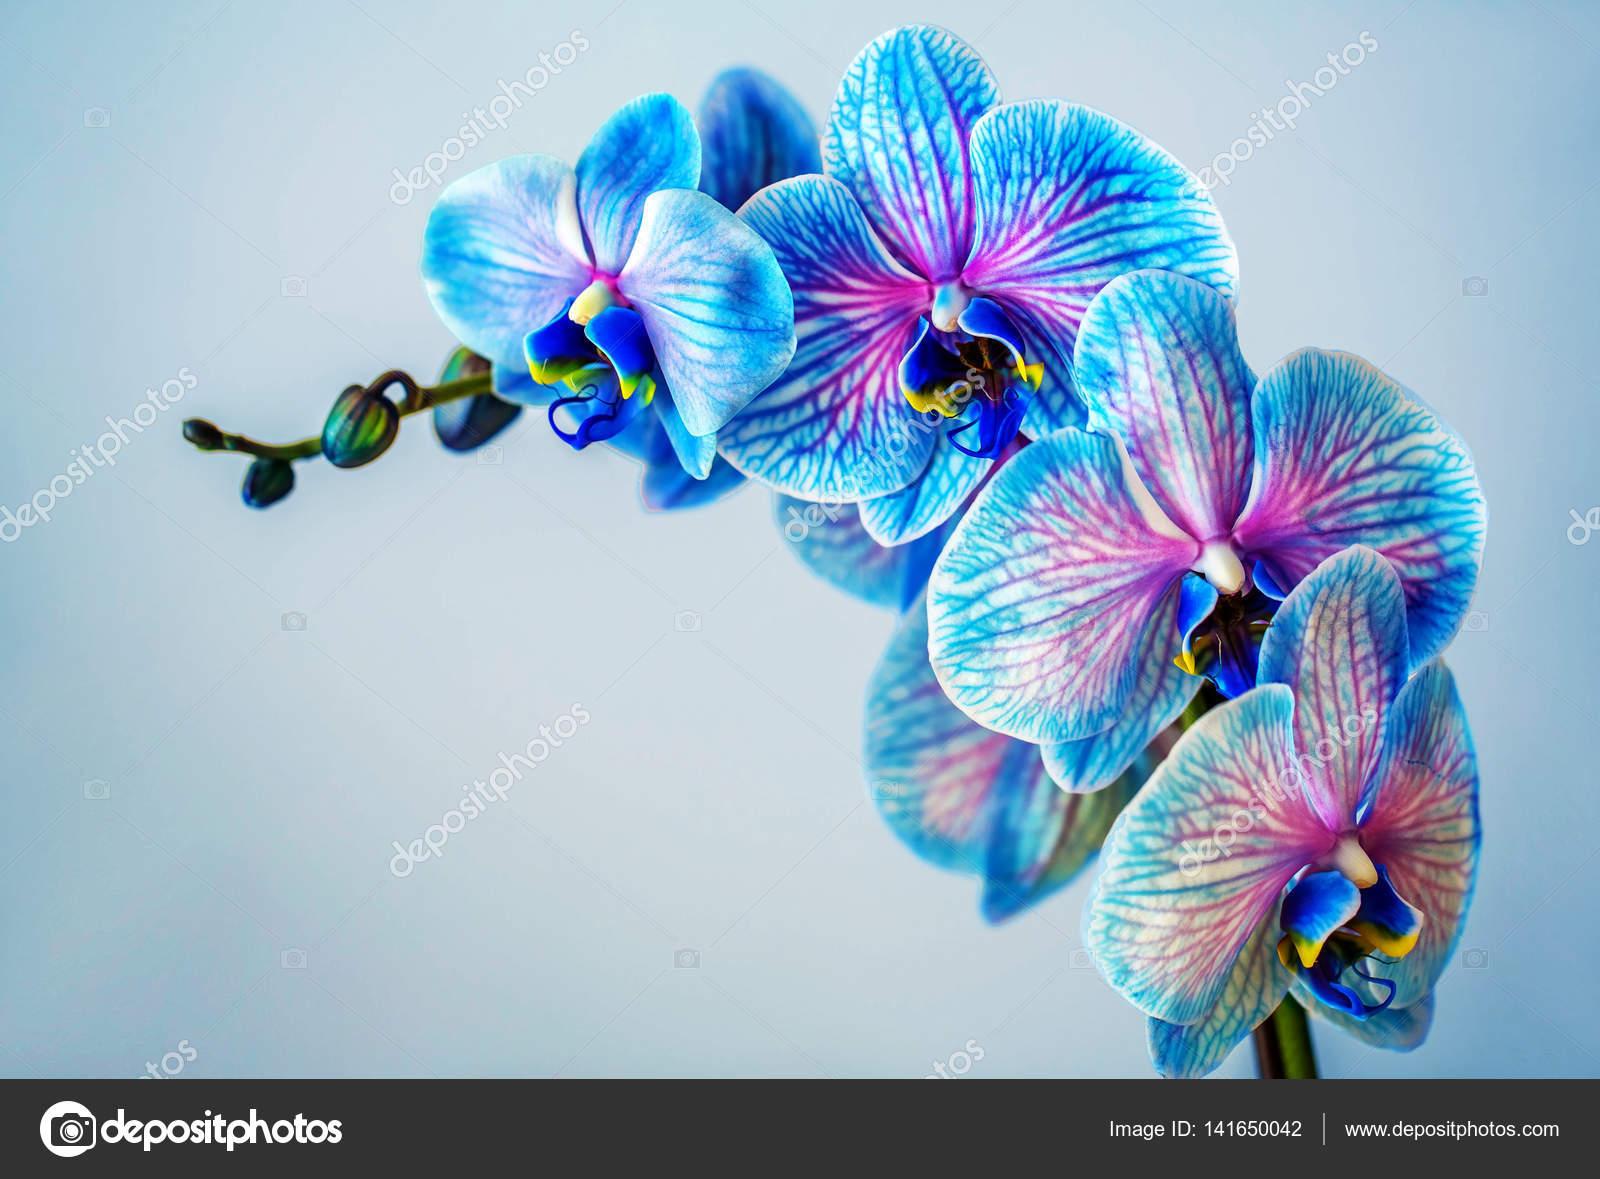 Fotos Orquidea Azul Orquidea Azul Brunch De Orquidea Con Flores